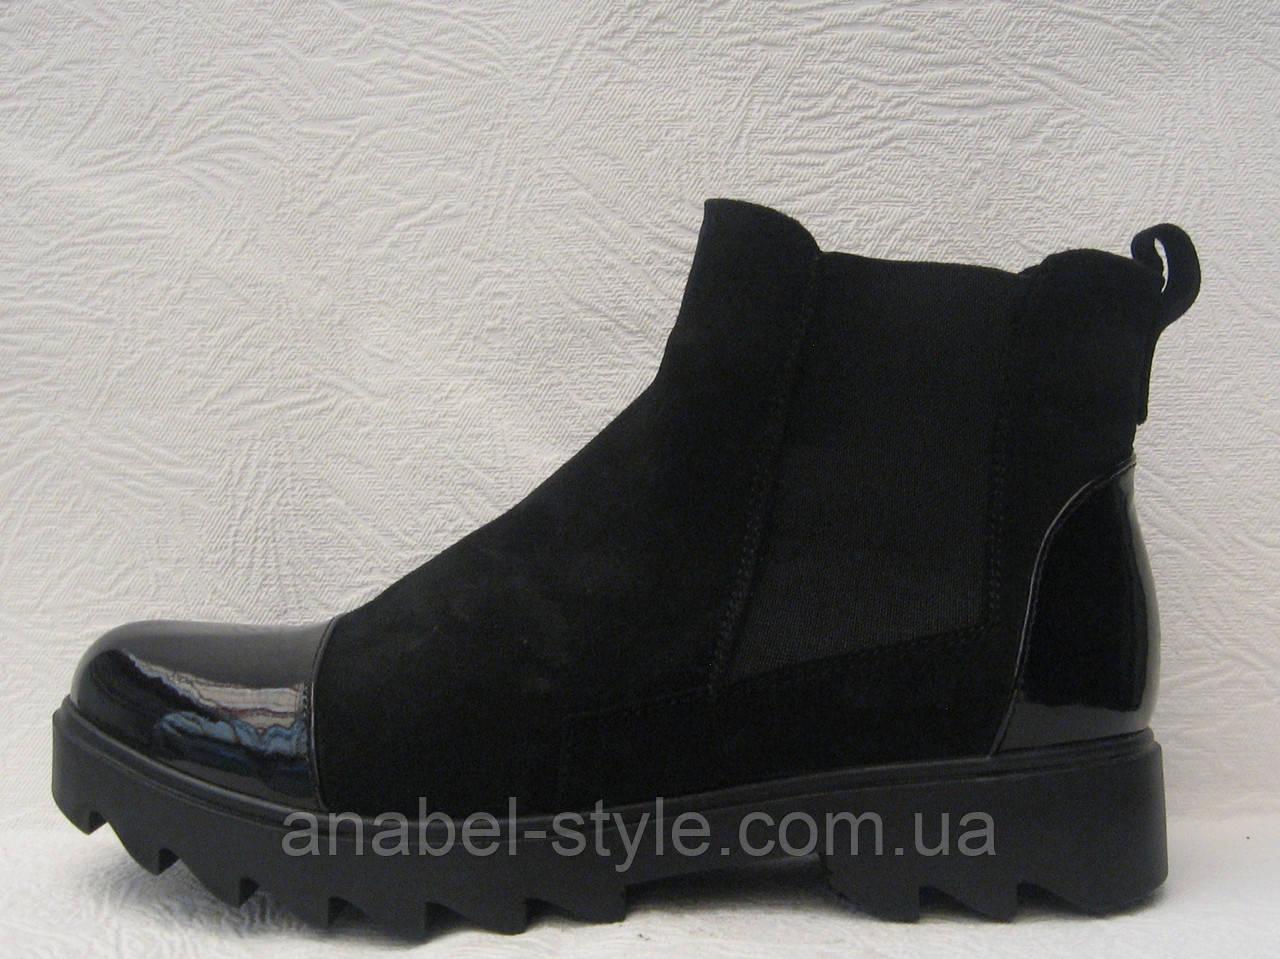 Ботинки женские стильные на тракторной подошве со вставками лаковой кожи Код 147